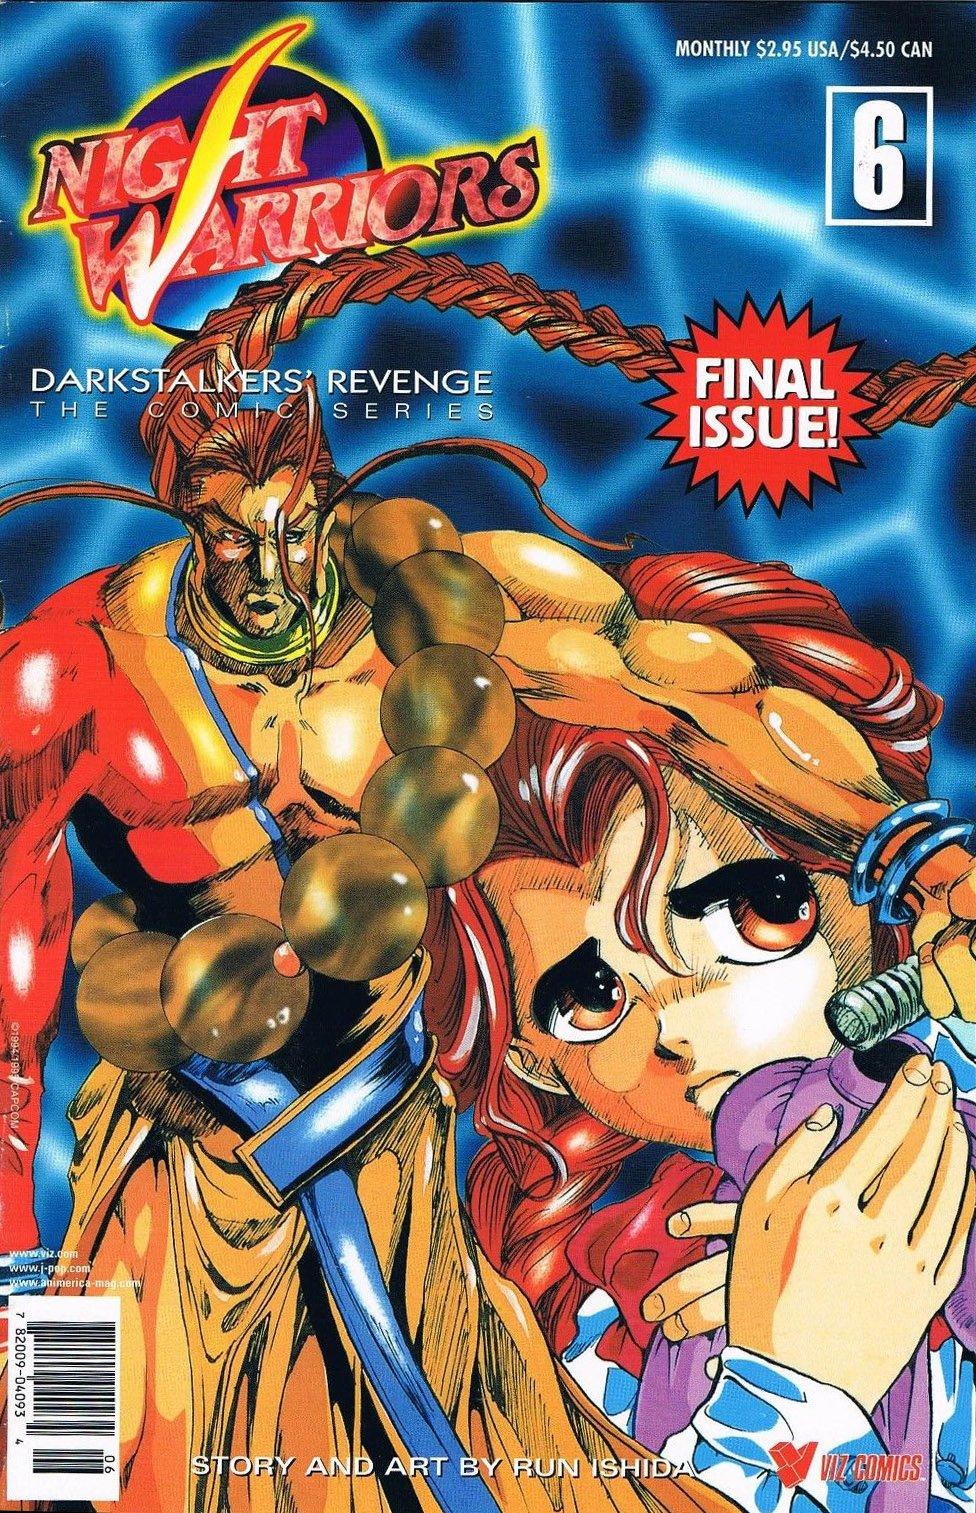 Night Warriors: Darkstalkers' Revenge 06